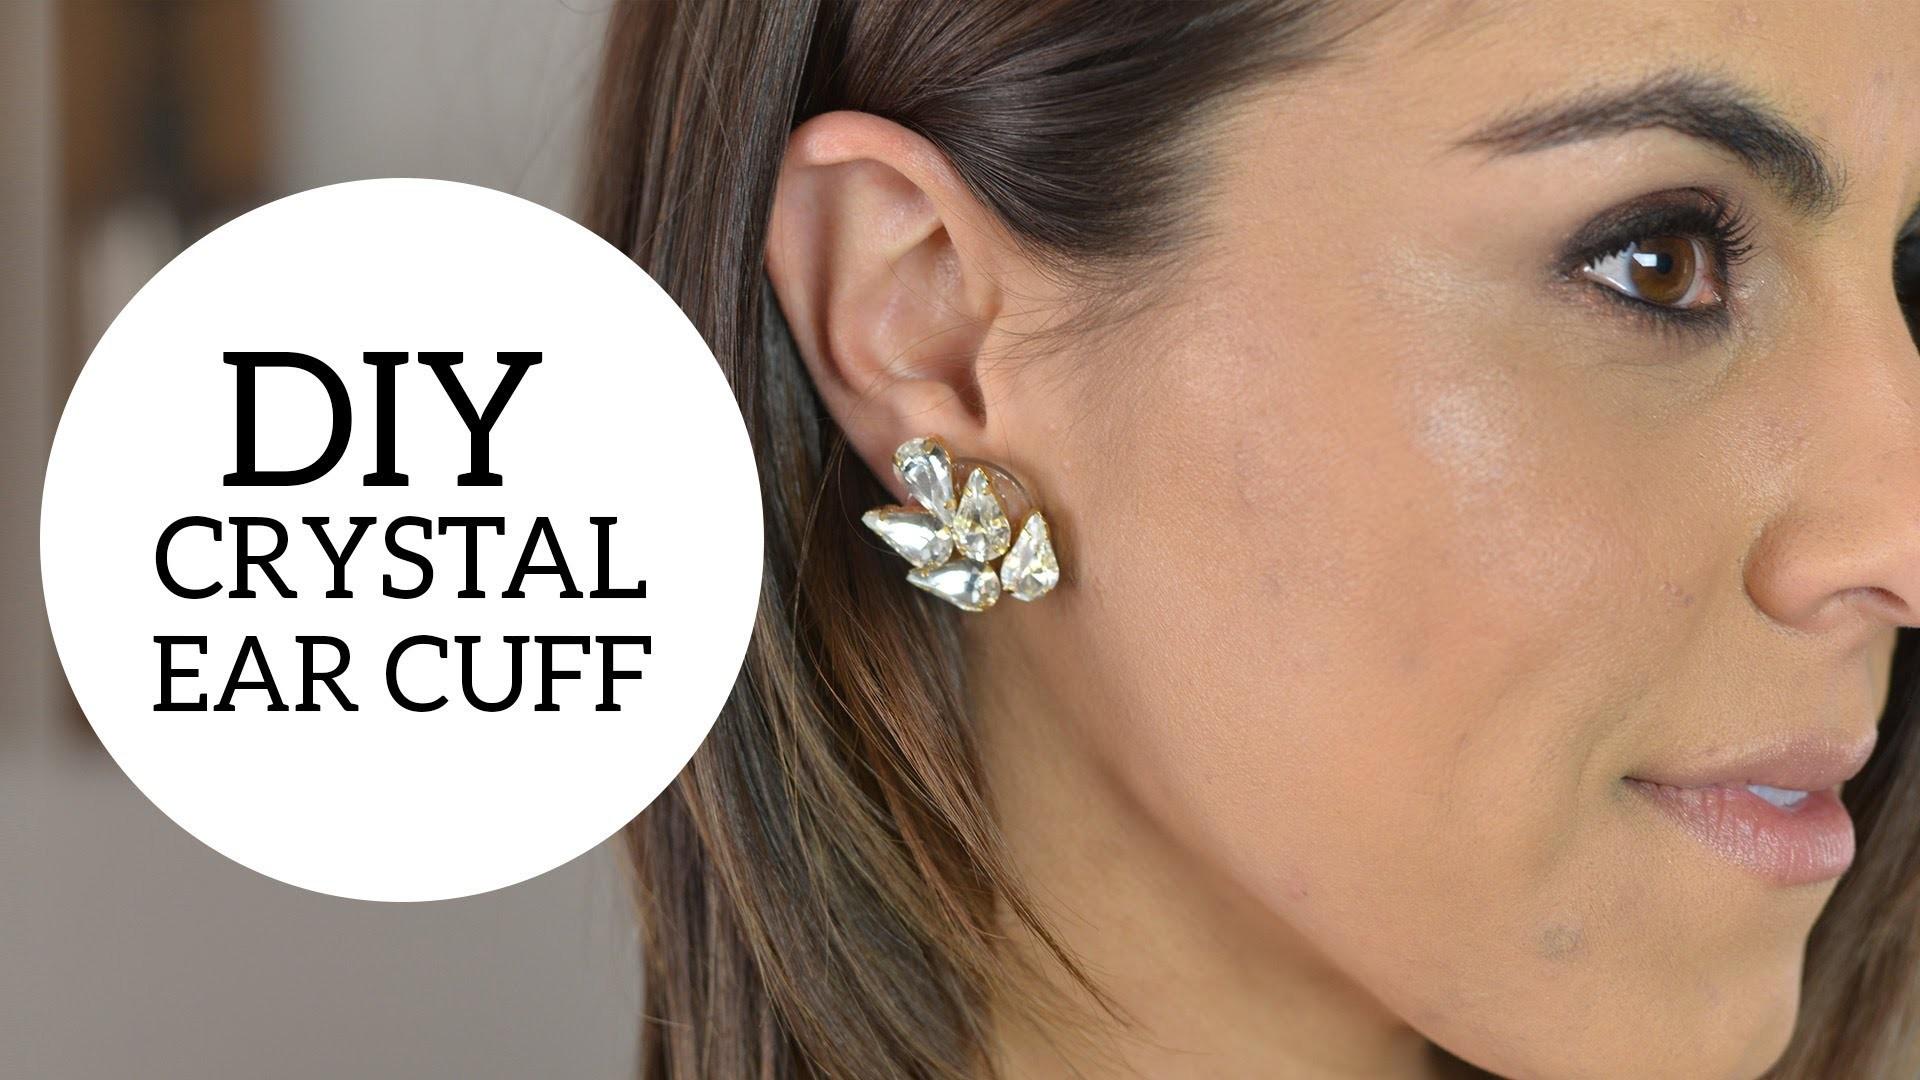 DIY Crystal Ear Cuff